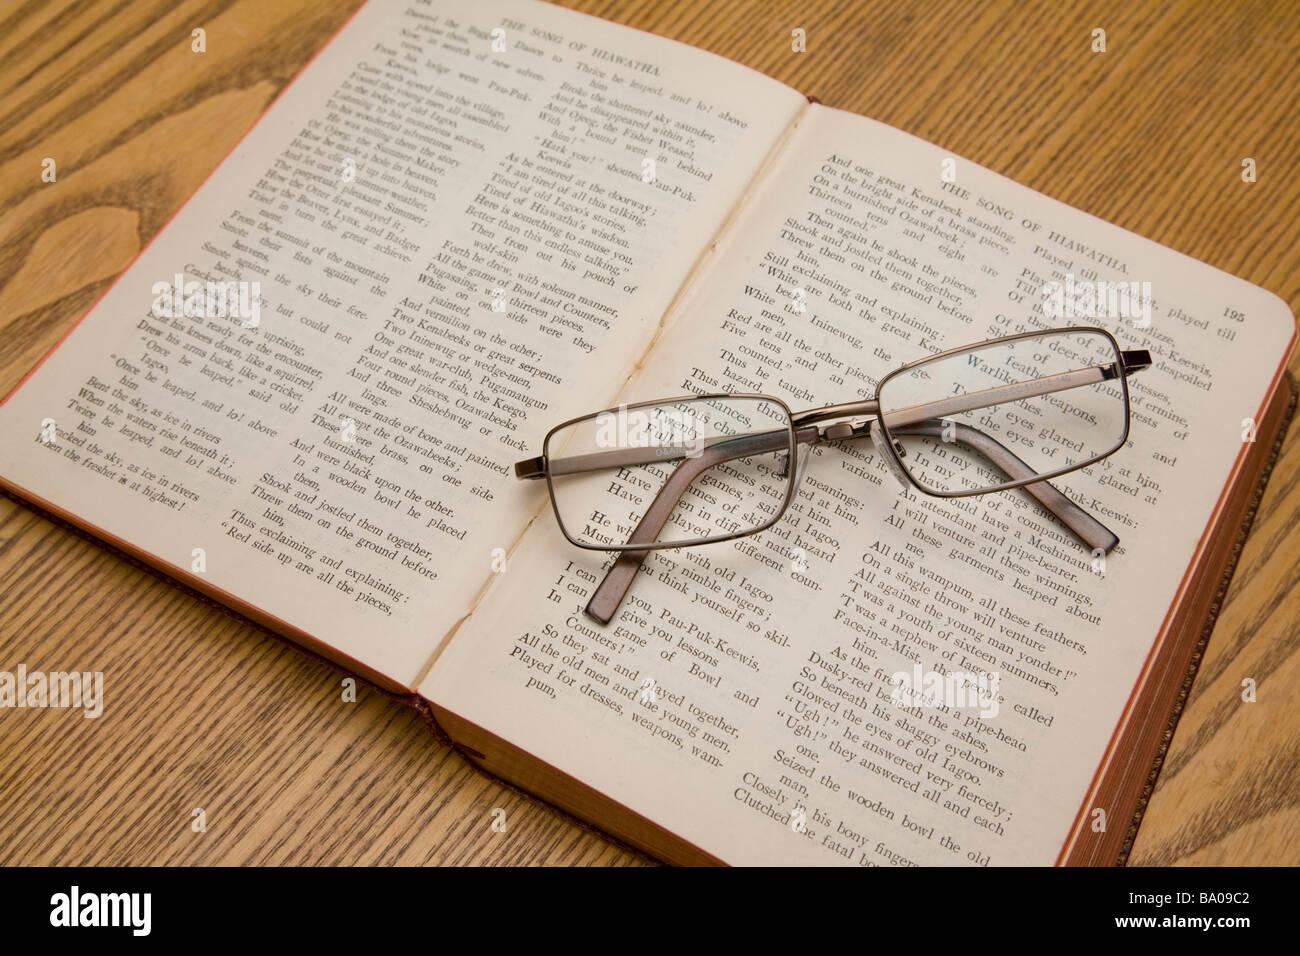 Ein paar Lesebrille ruht auf ein Buch mit Gedichten von Longfellow. Stockfoto